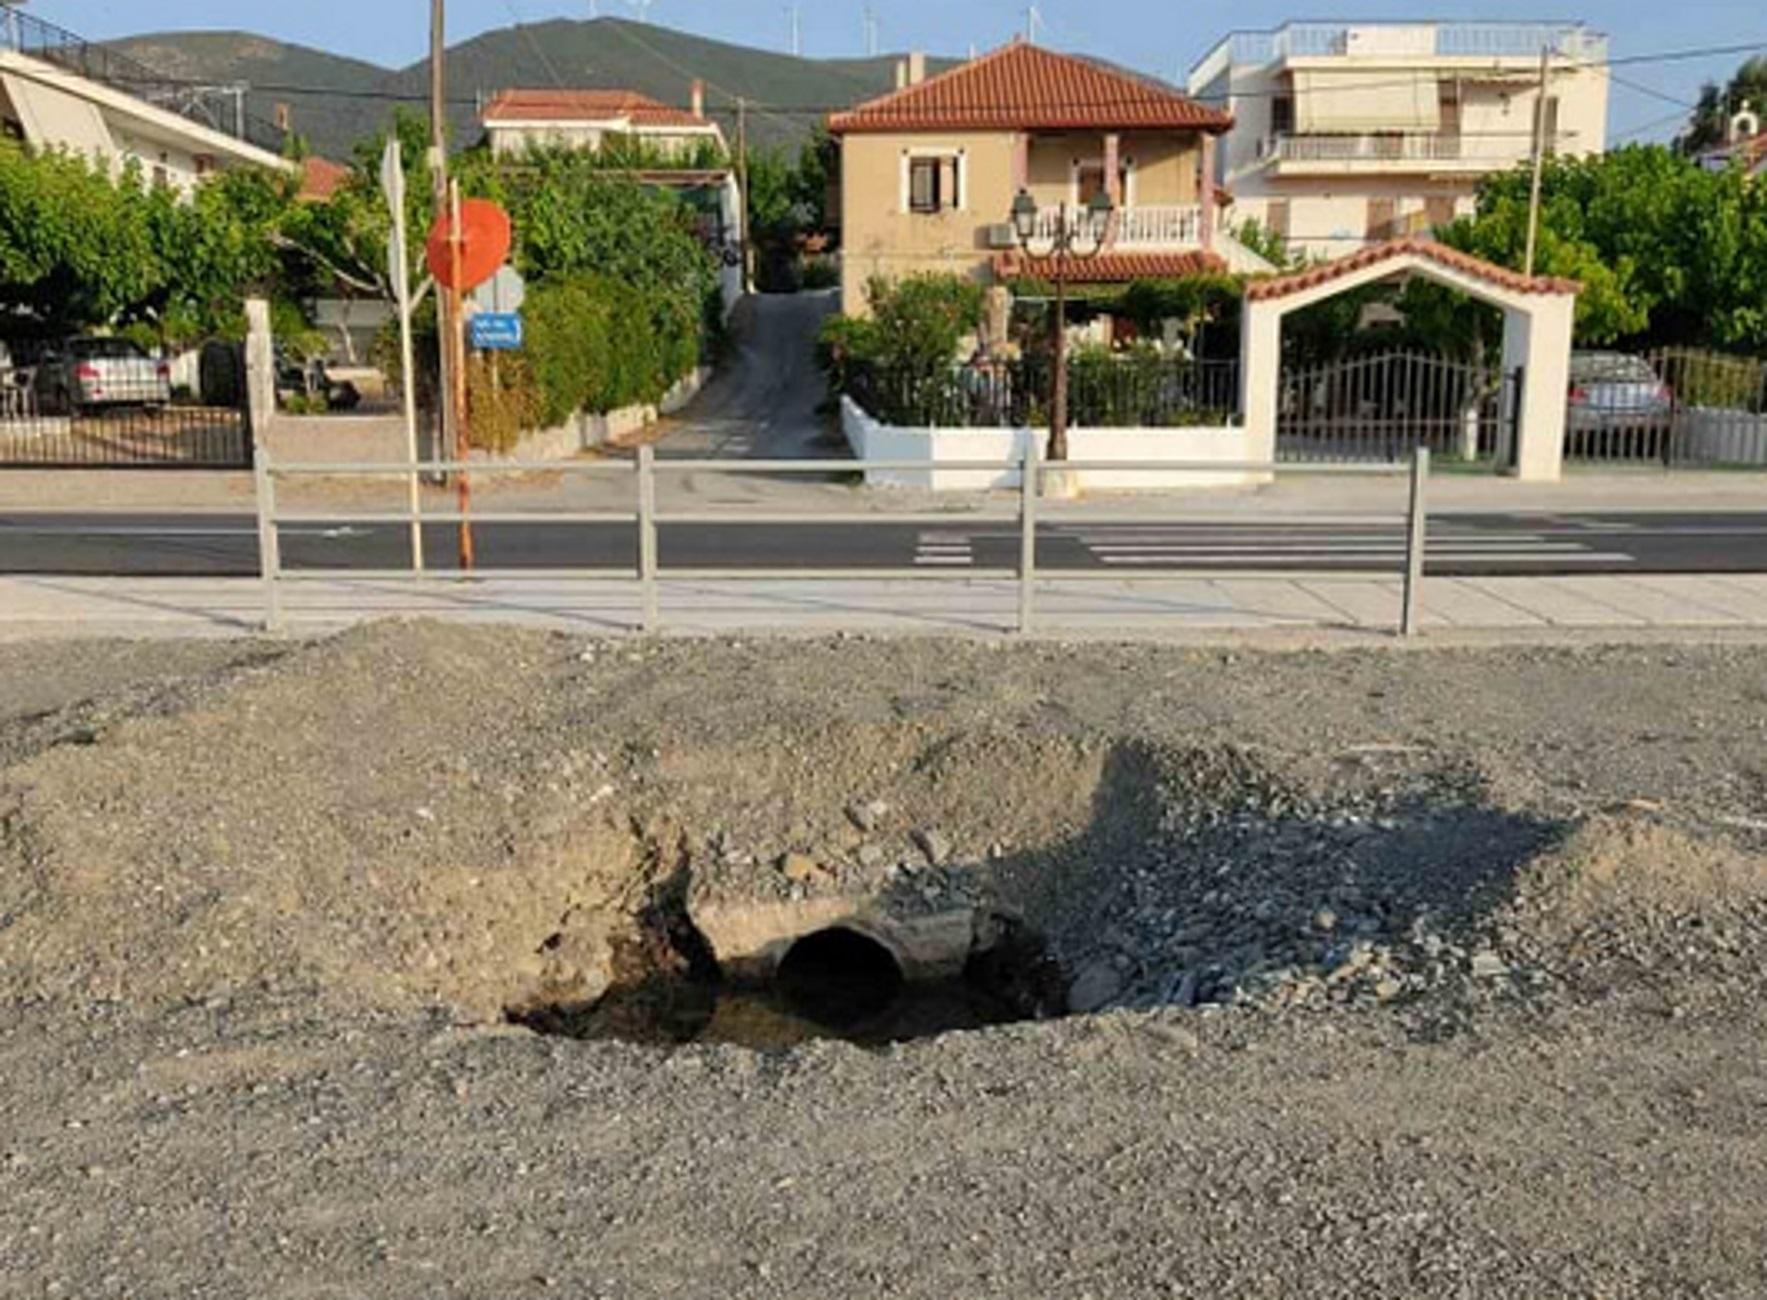 Πάτρα: Αγωνία για δημοσιογράφο του ΑΝΤ1 μετά το σοκαριστικό ατύχημα του γιου της με ποδήλατο